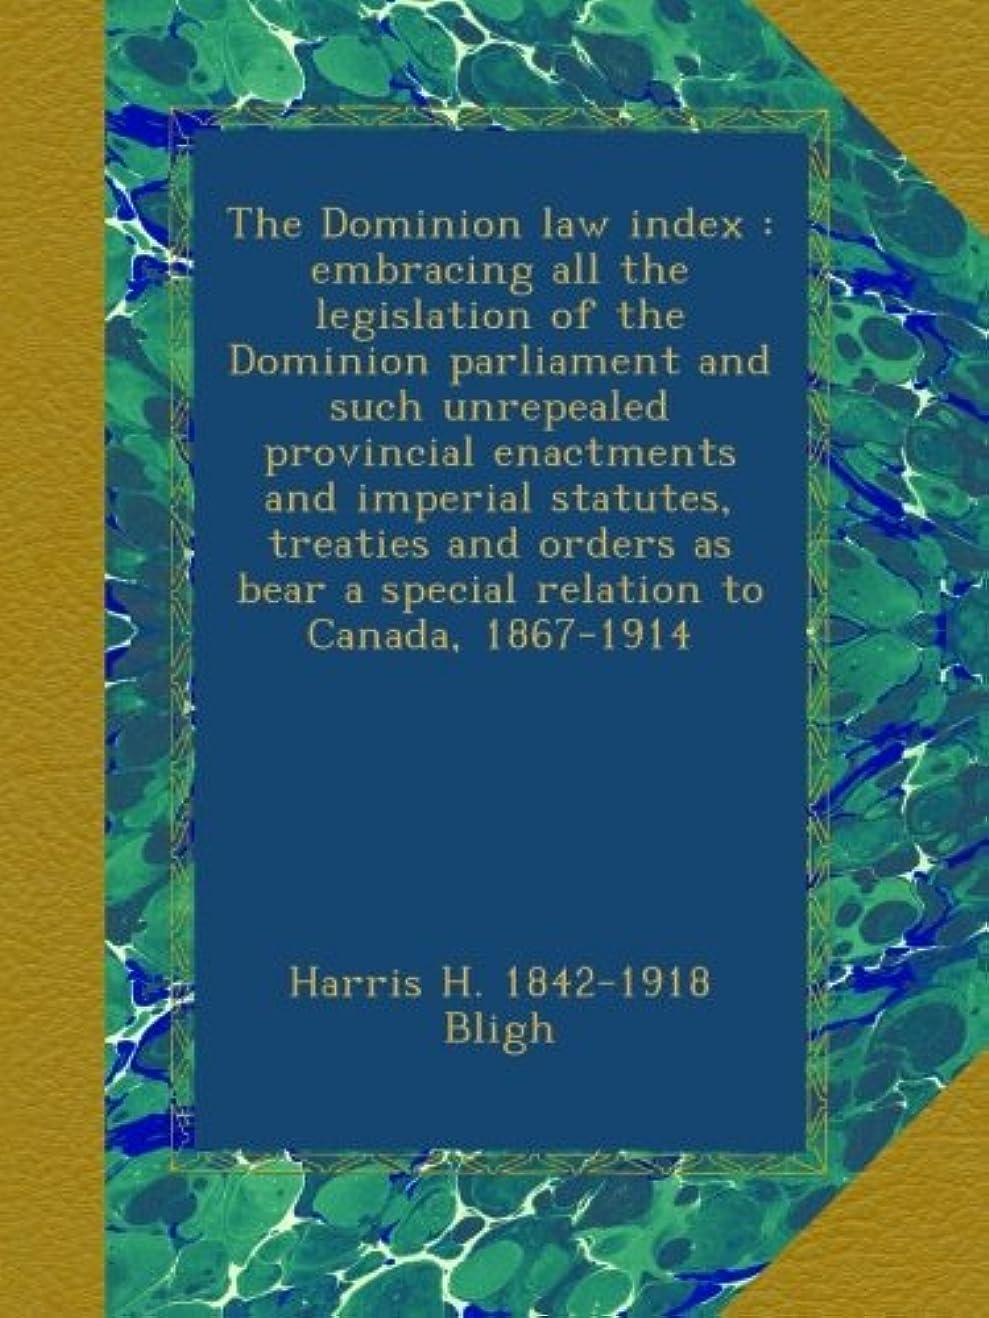 砂のチロ抜本的なThe Dominion law index : embracing all the legislation of the Dominion parliament and such unrepealed provincial enactments and imperial statutes, treaties and orders as bear a special relation to Canada, 1867-1914